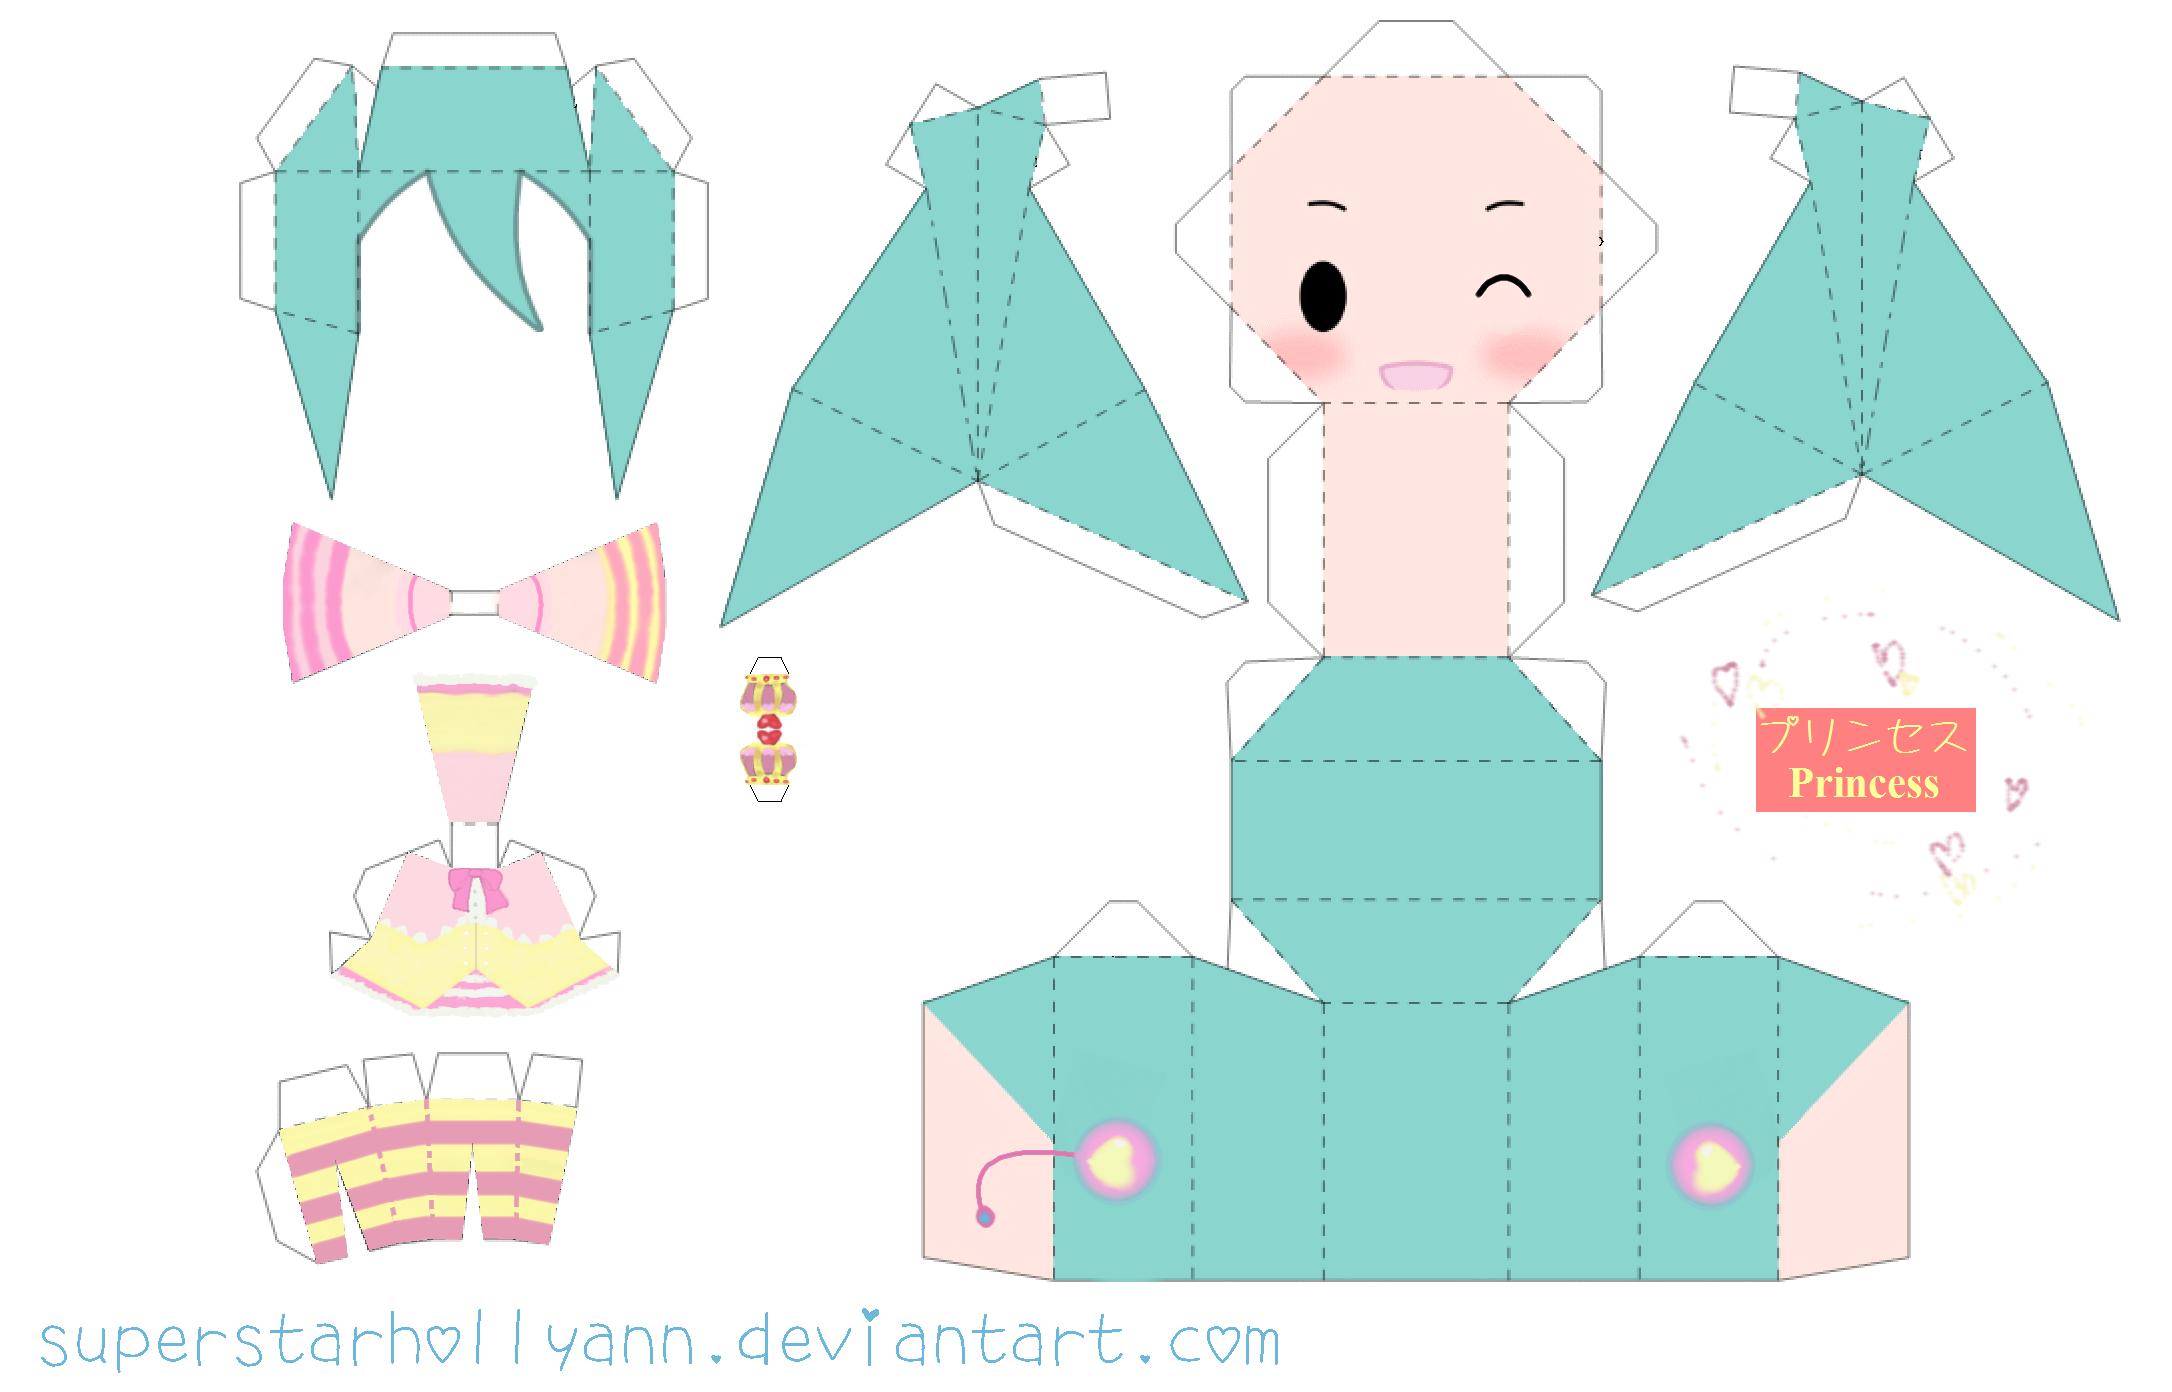 Princess Miku Papercraft by ~superstarhollyann on deviantART